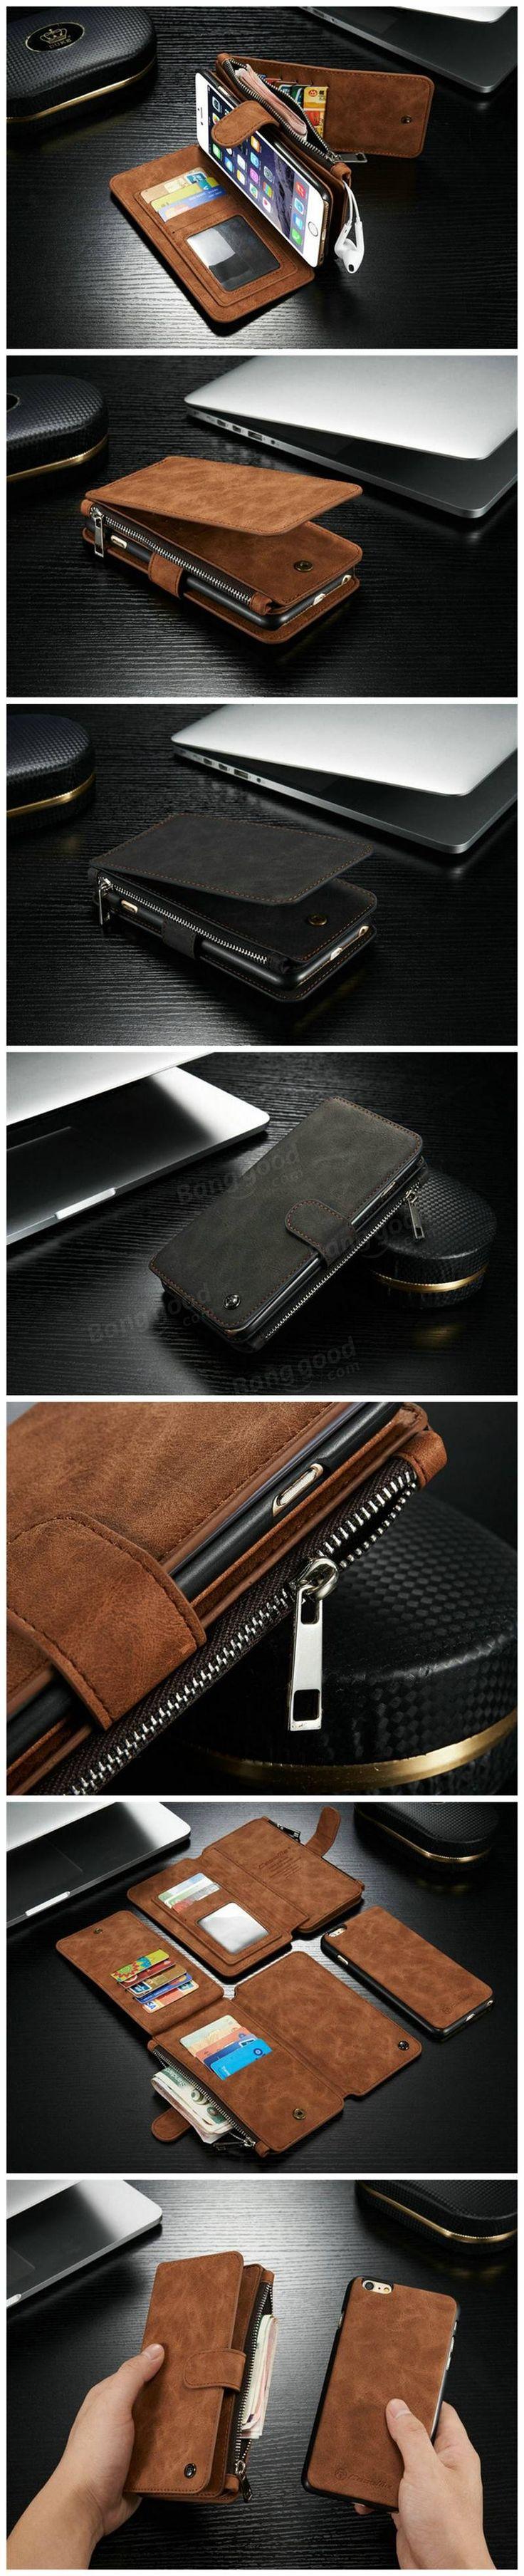 Vintage Leather Multi Function Wallet Card Pocket Zipper Flip Case Cover For Apple iPhone 6 6s 4.7 Sale - Banggood.com